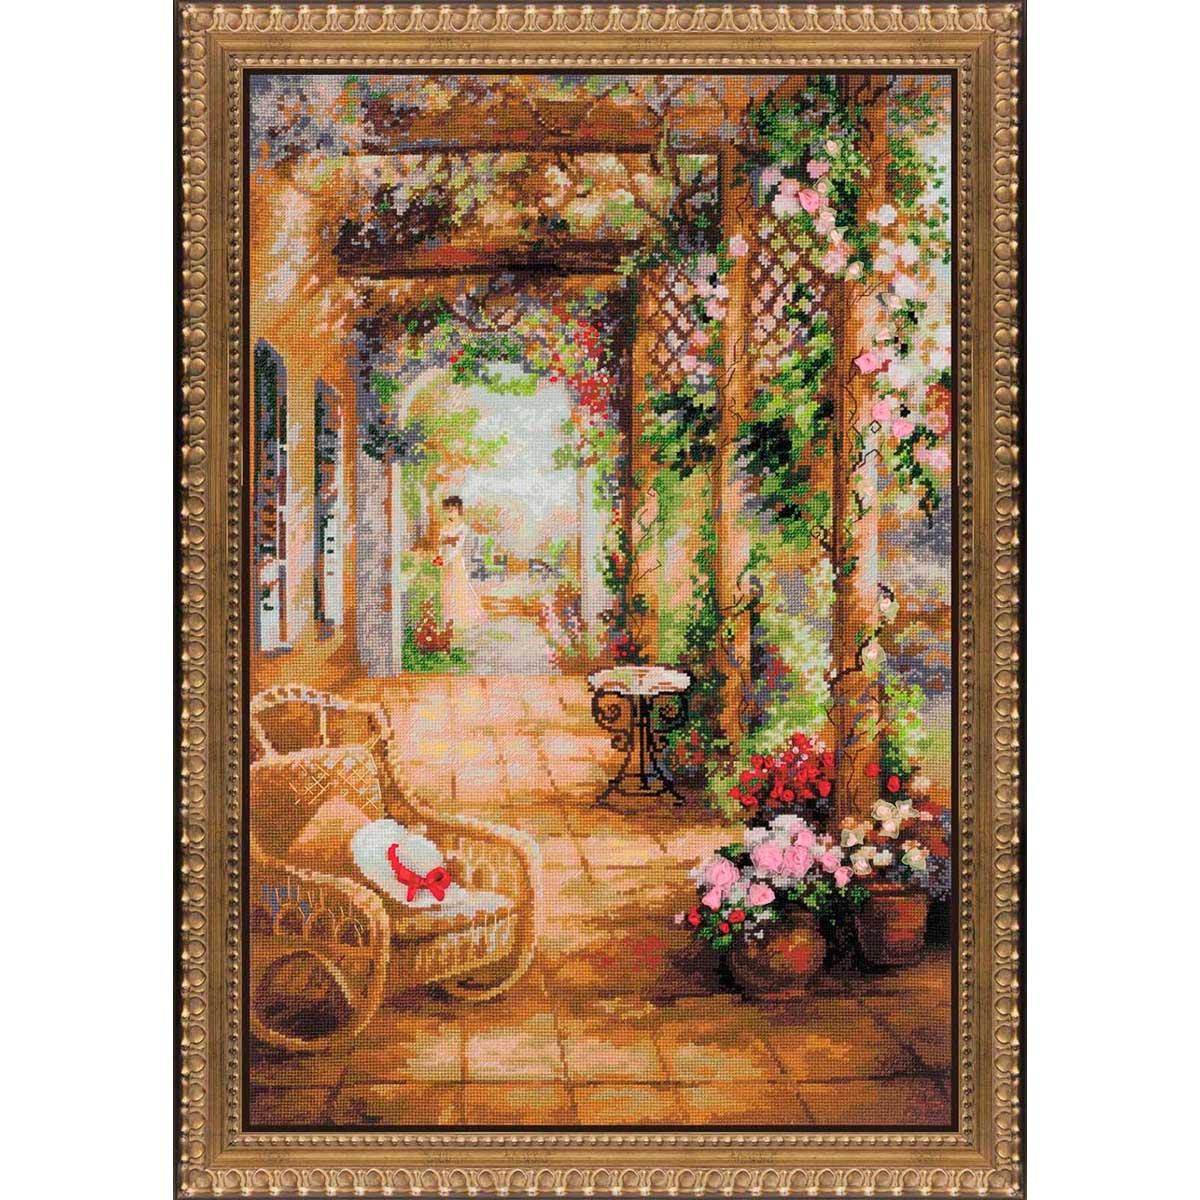 100/043 Набор для вышивания Riolis 'Свидание в саду', 40*60 см